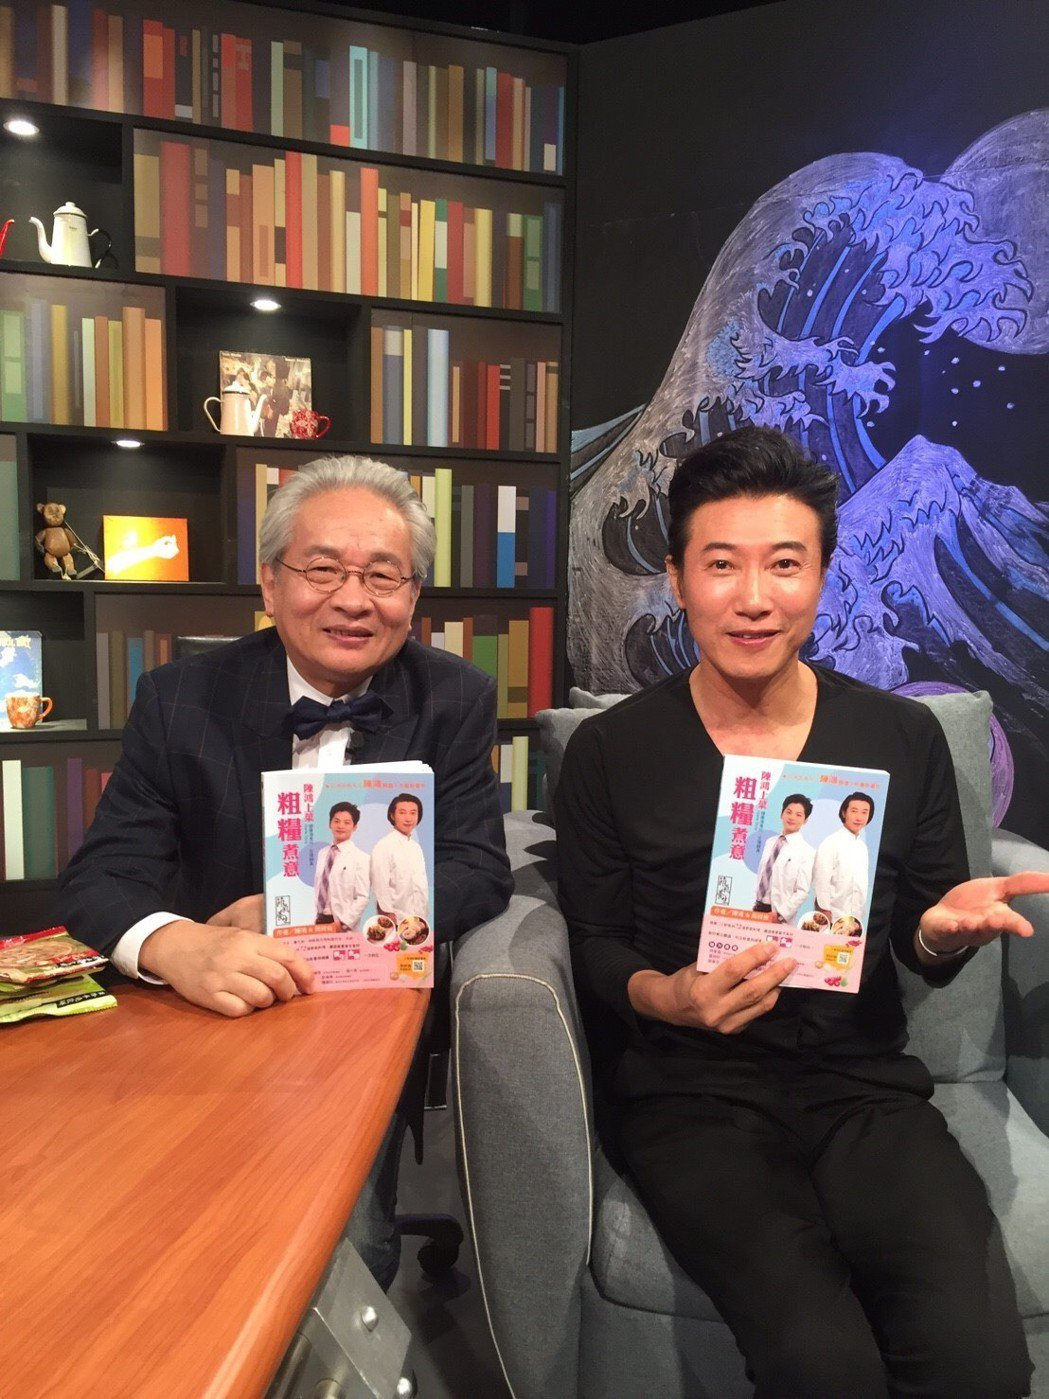 陳鴻接受馮光遠專訪。圖/民視提供